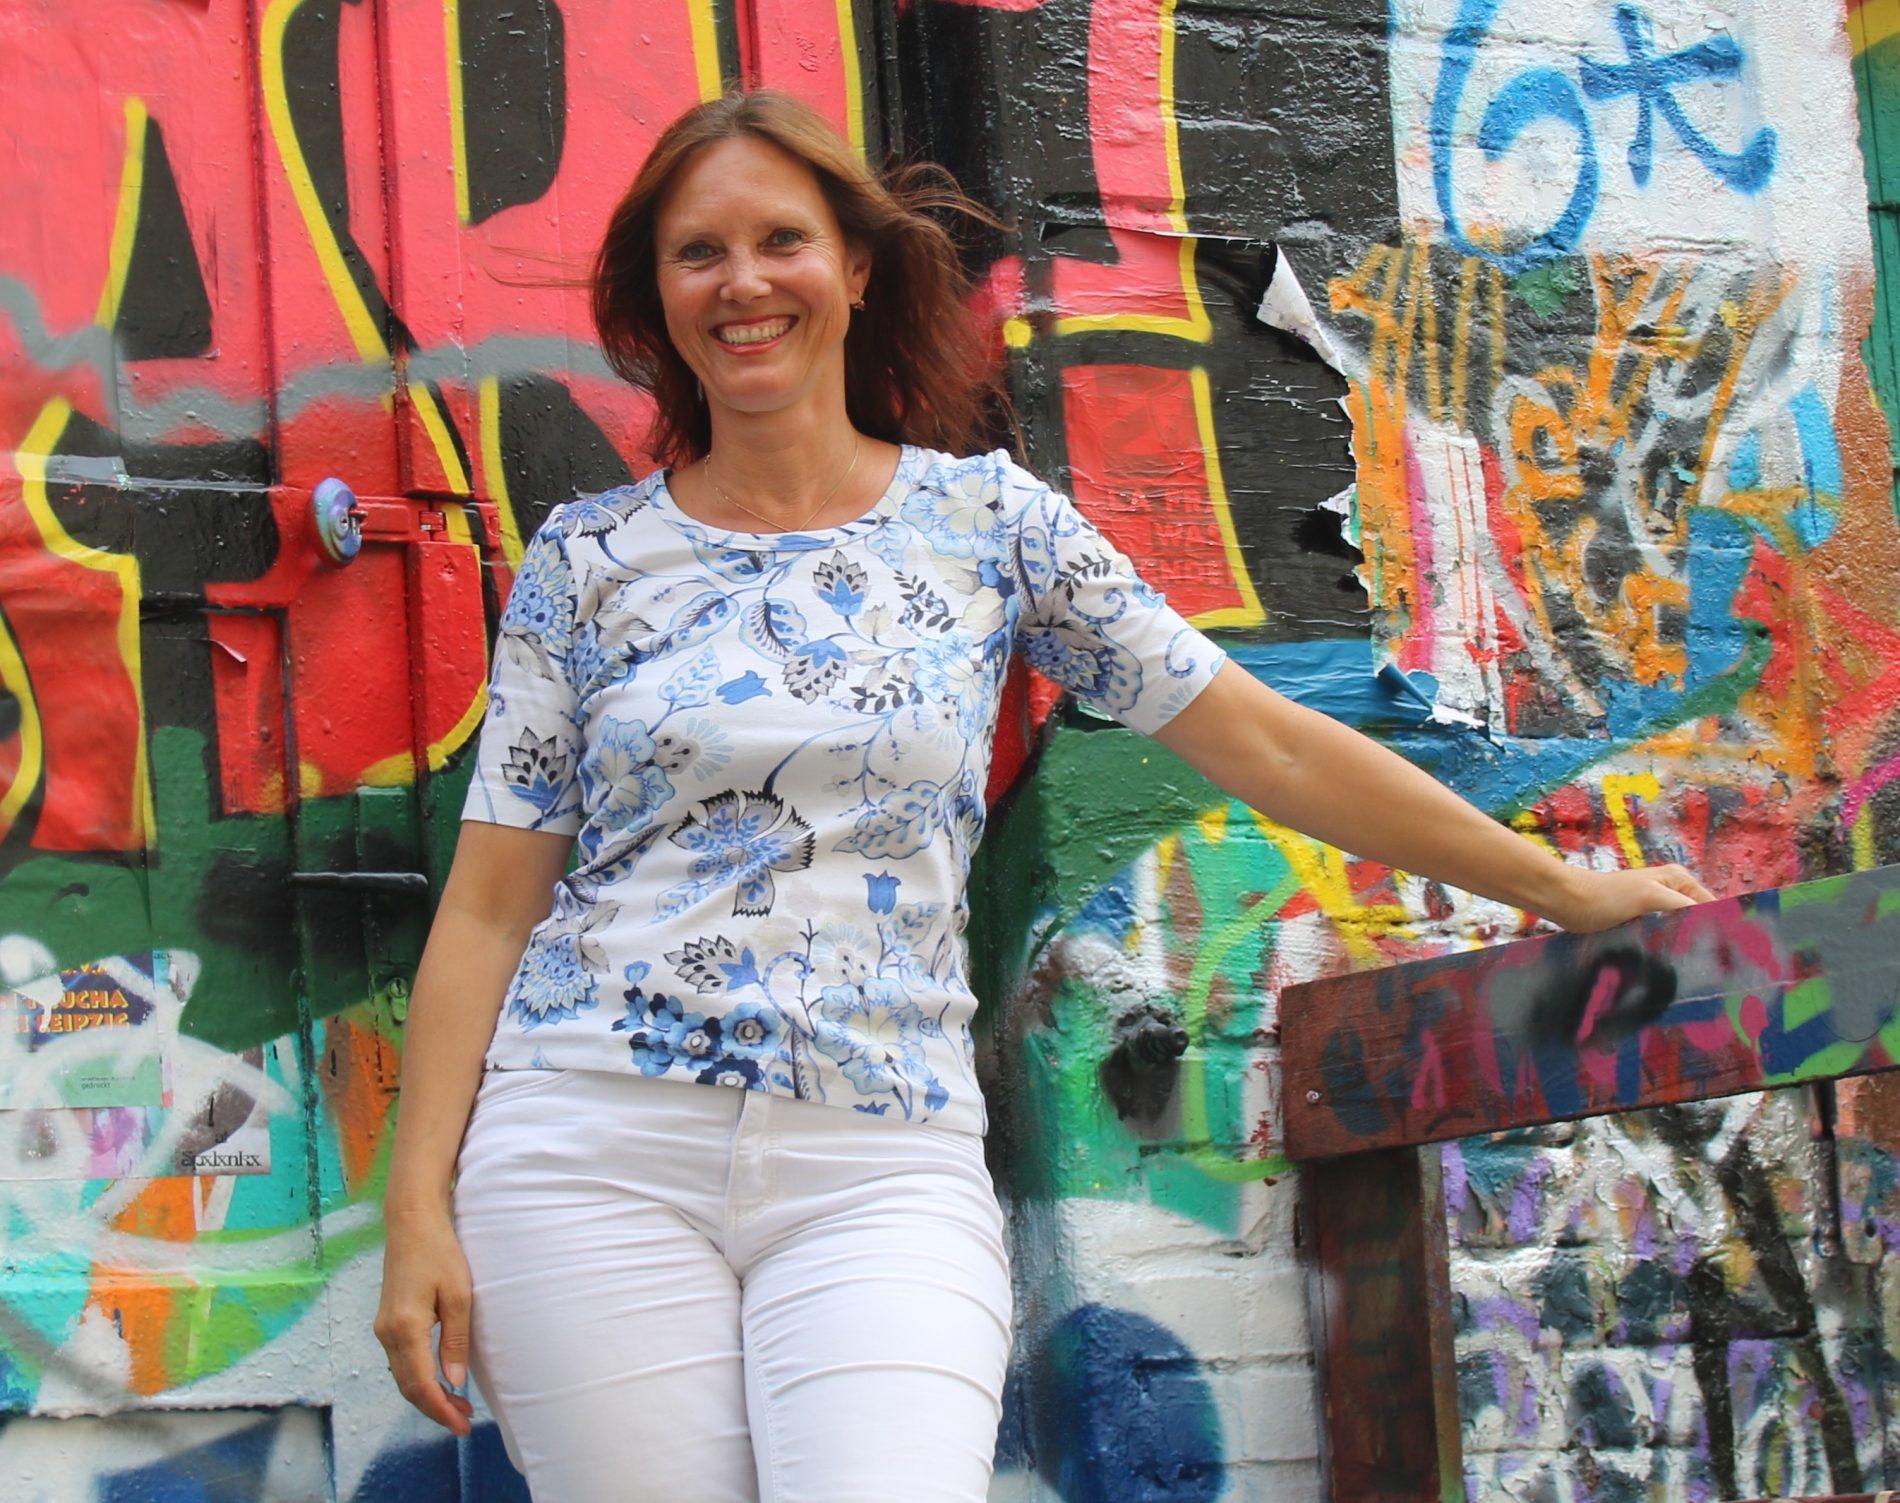 Aufnahme von Angelika Böhme, Coach für Berufliche Orientierung, Leipzig. Vor Graffiti in Plagwitz